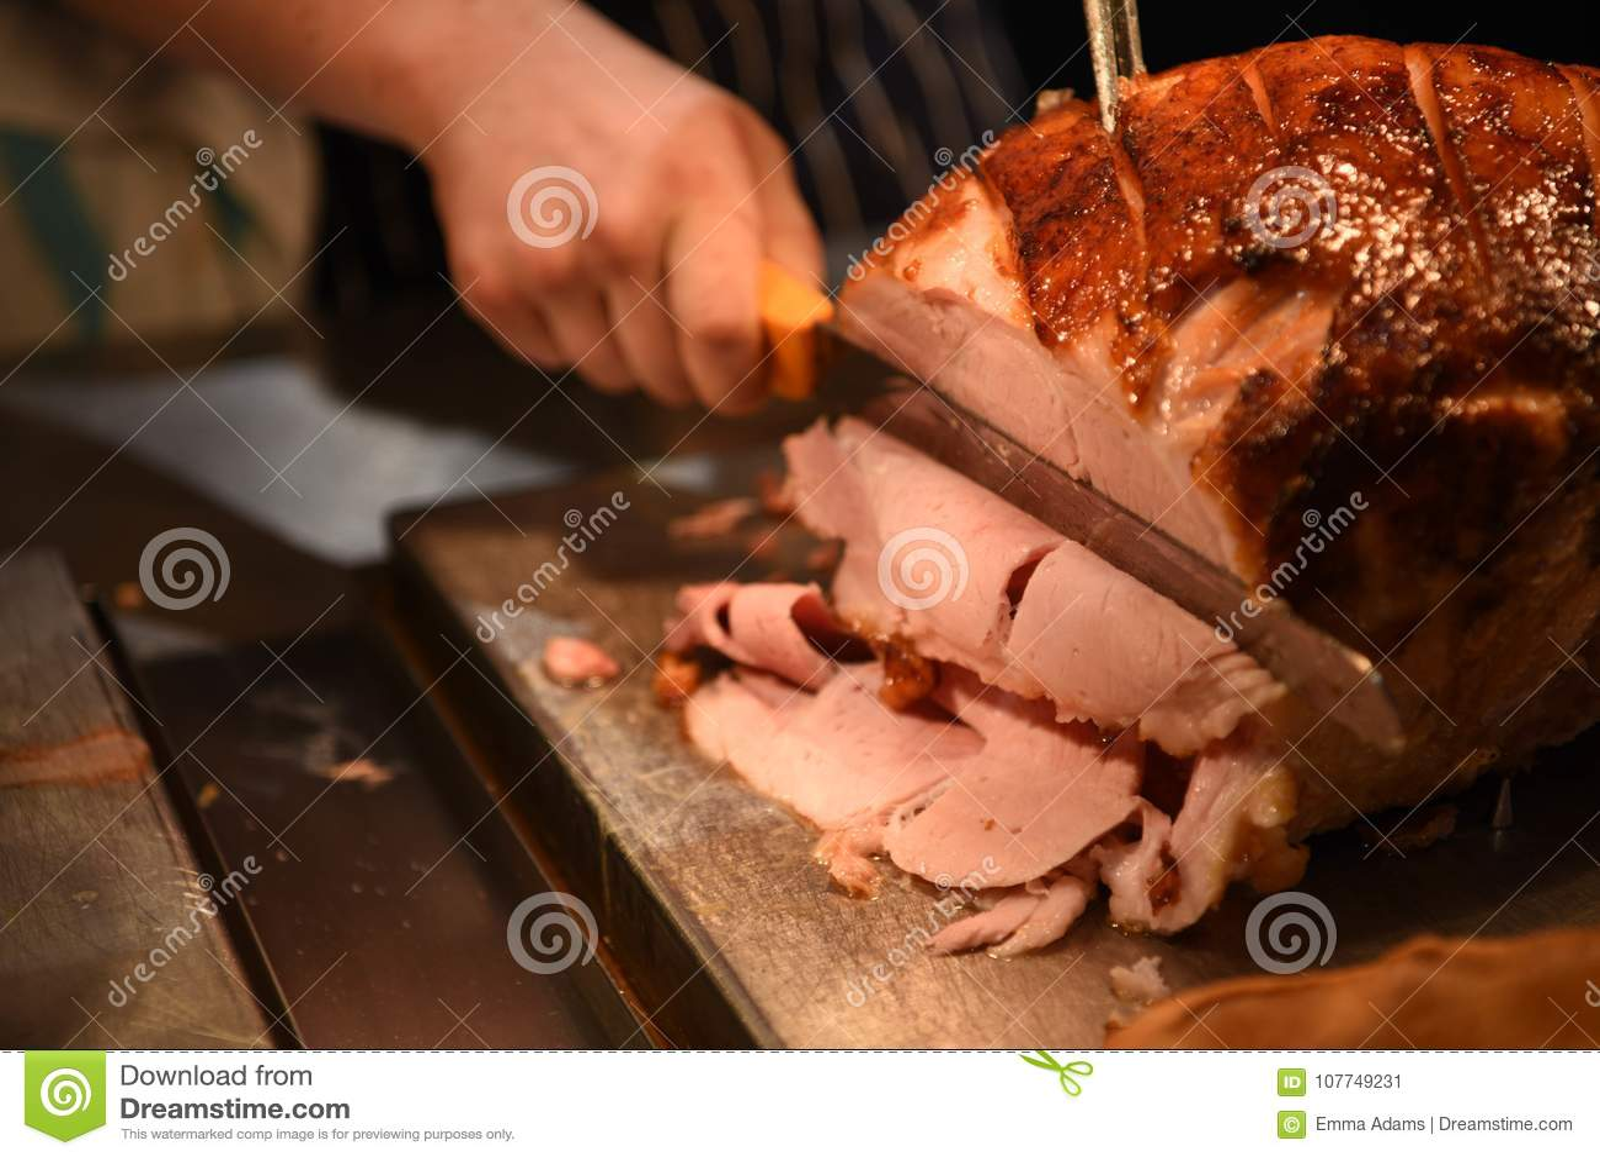 Image de photographie de nourriture d un joint cuit de quartier de porc ou de jambon de rôti de viande avec la main tenant un cou